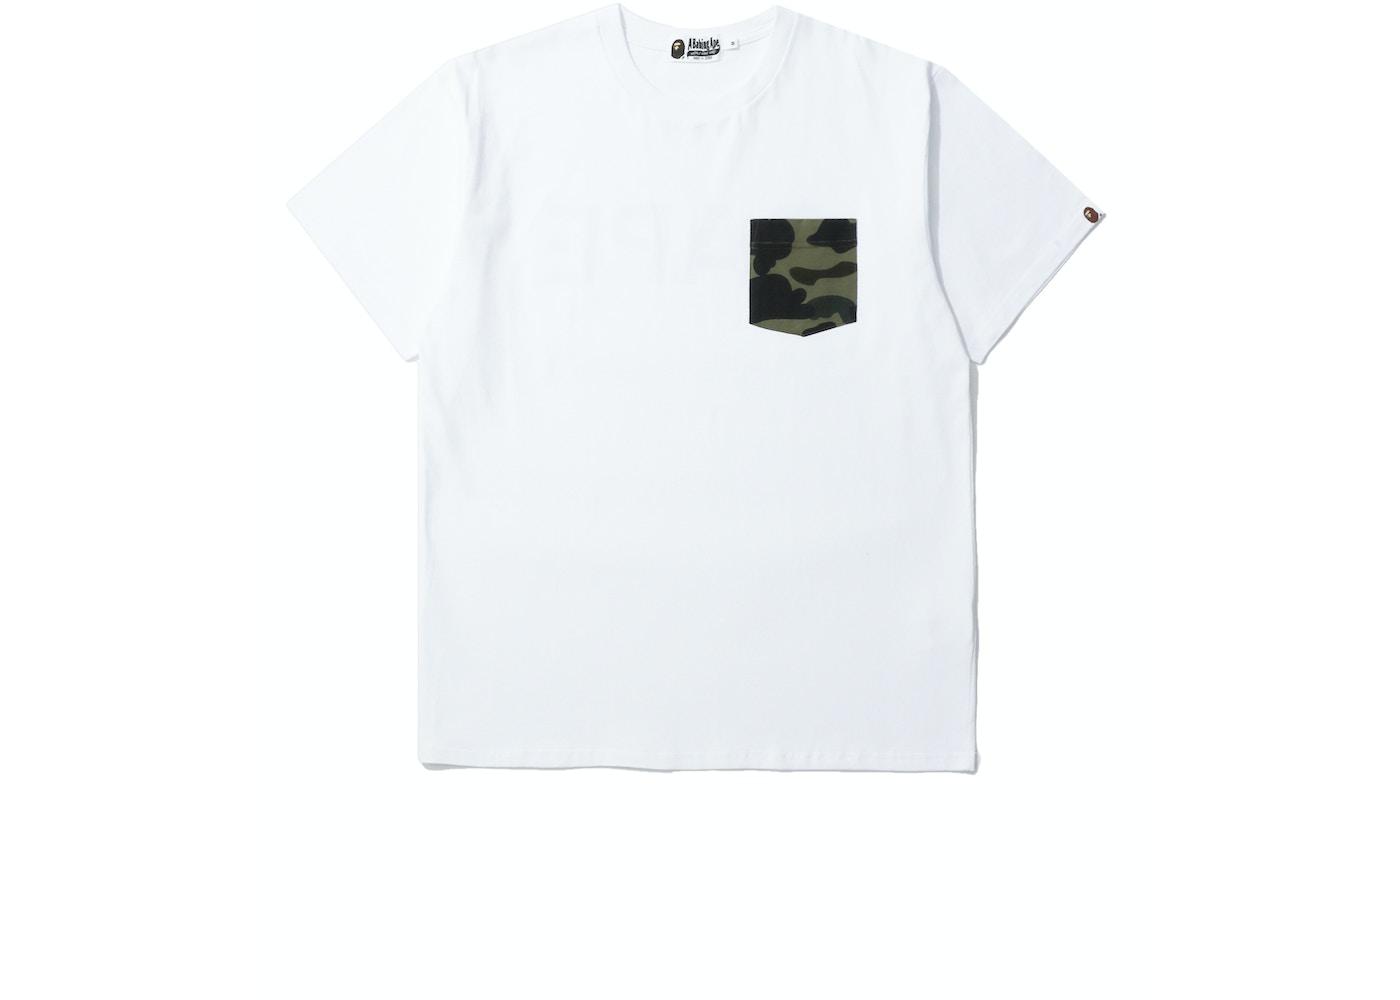 0542a7a4f Streetwear - Bape T-Shirts - New Highest Bids